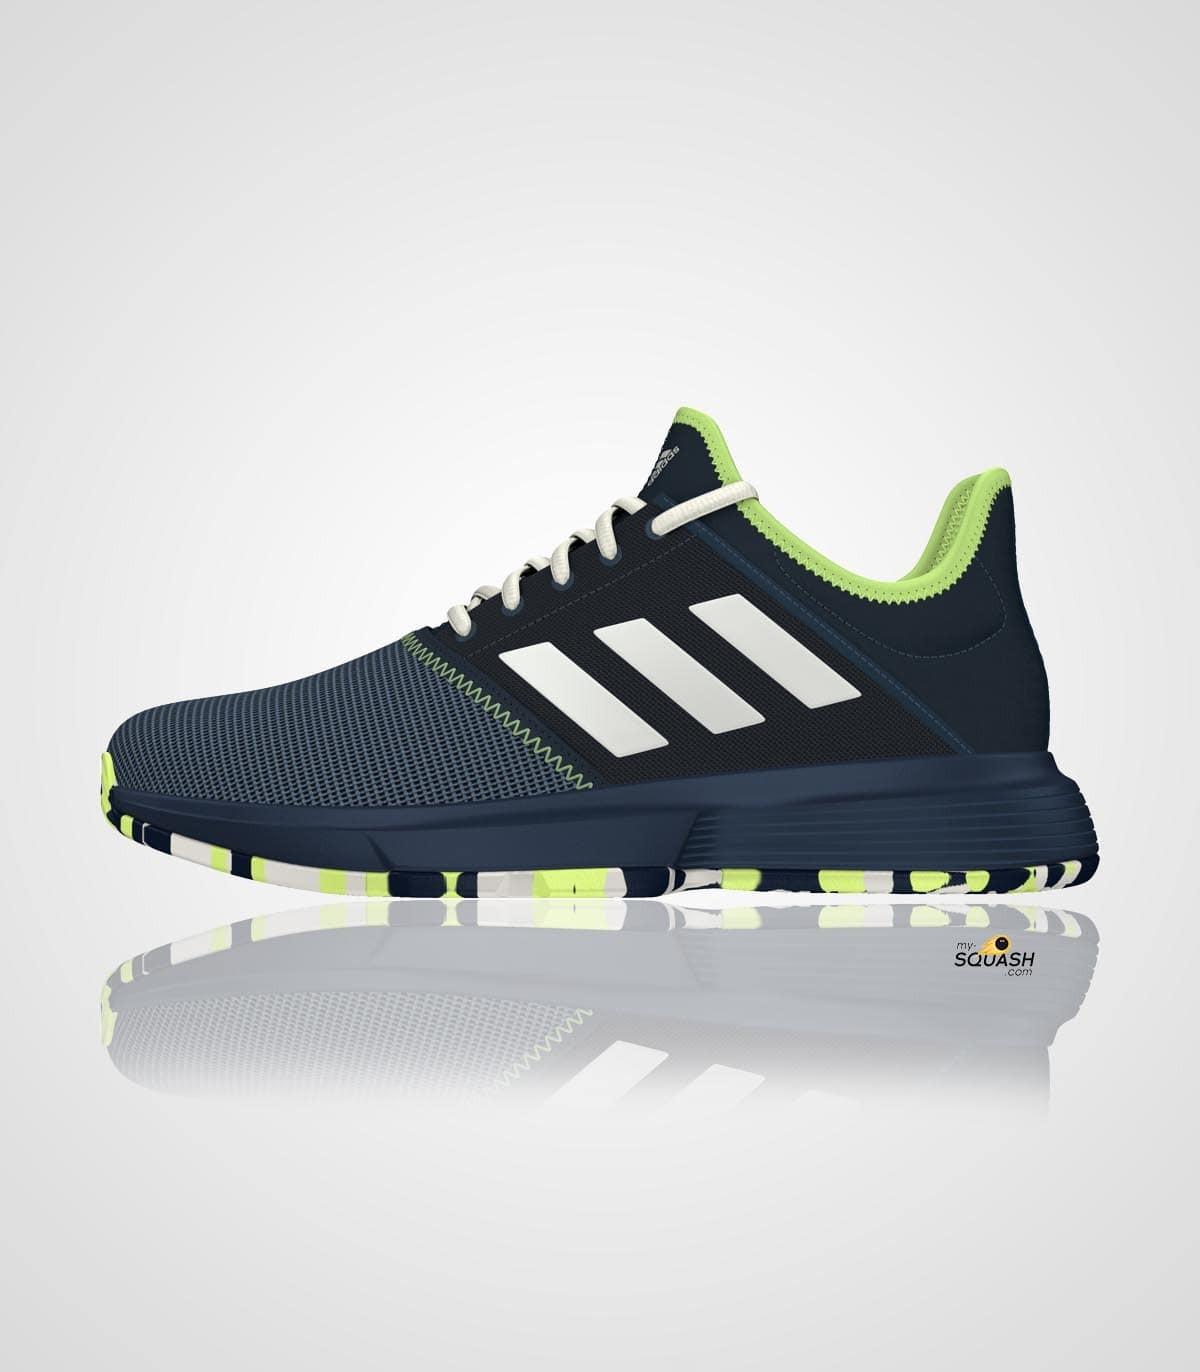 official photos 8820e 9e7b1 Adidas Gamecourt shoes